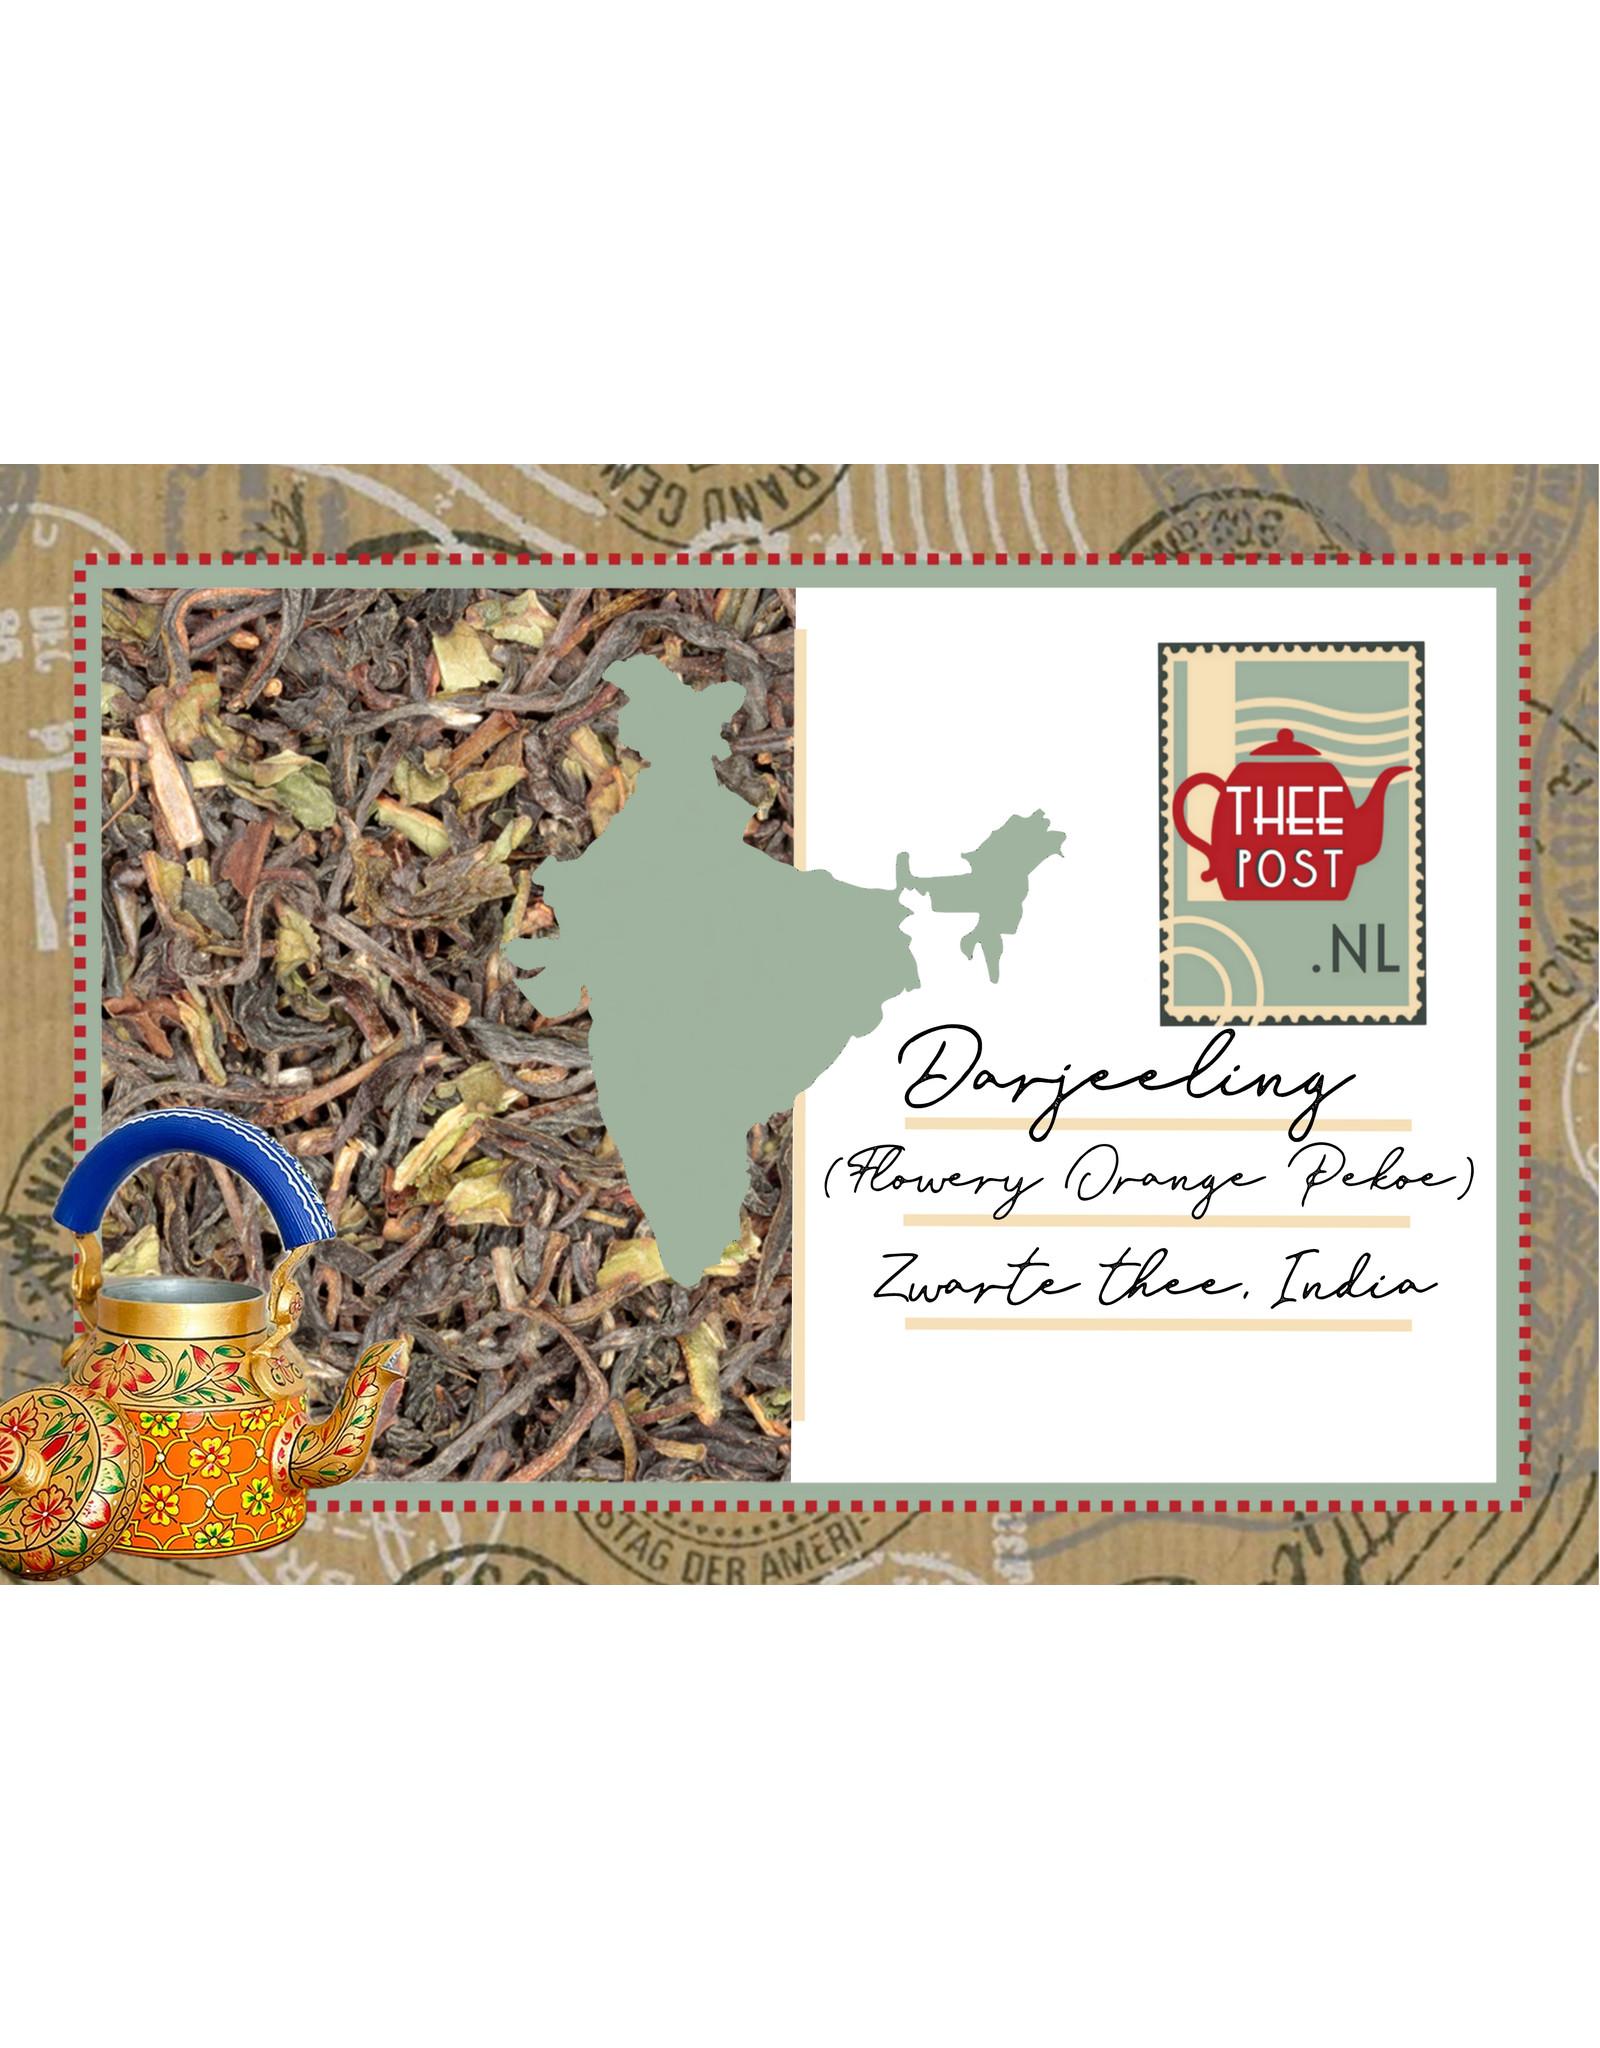 Darjeeling (Flowery Orange Pekoe)